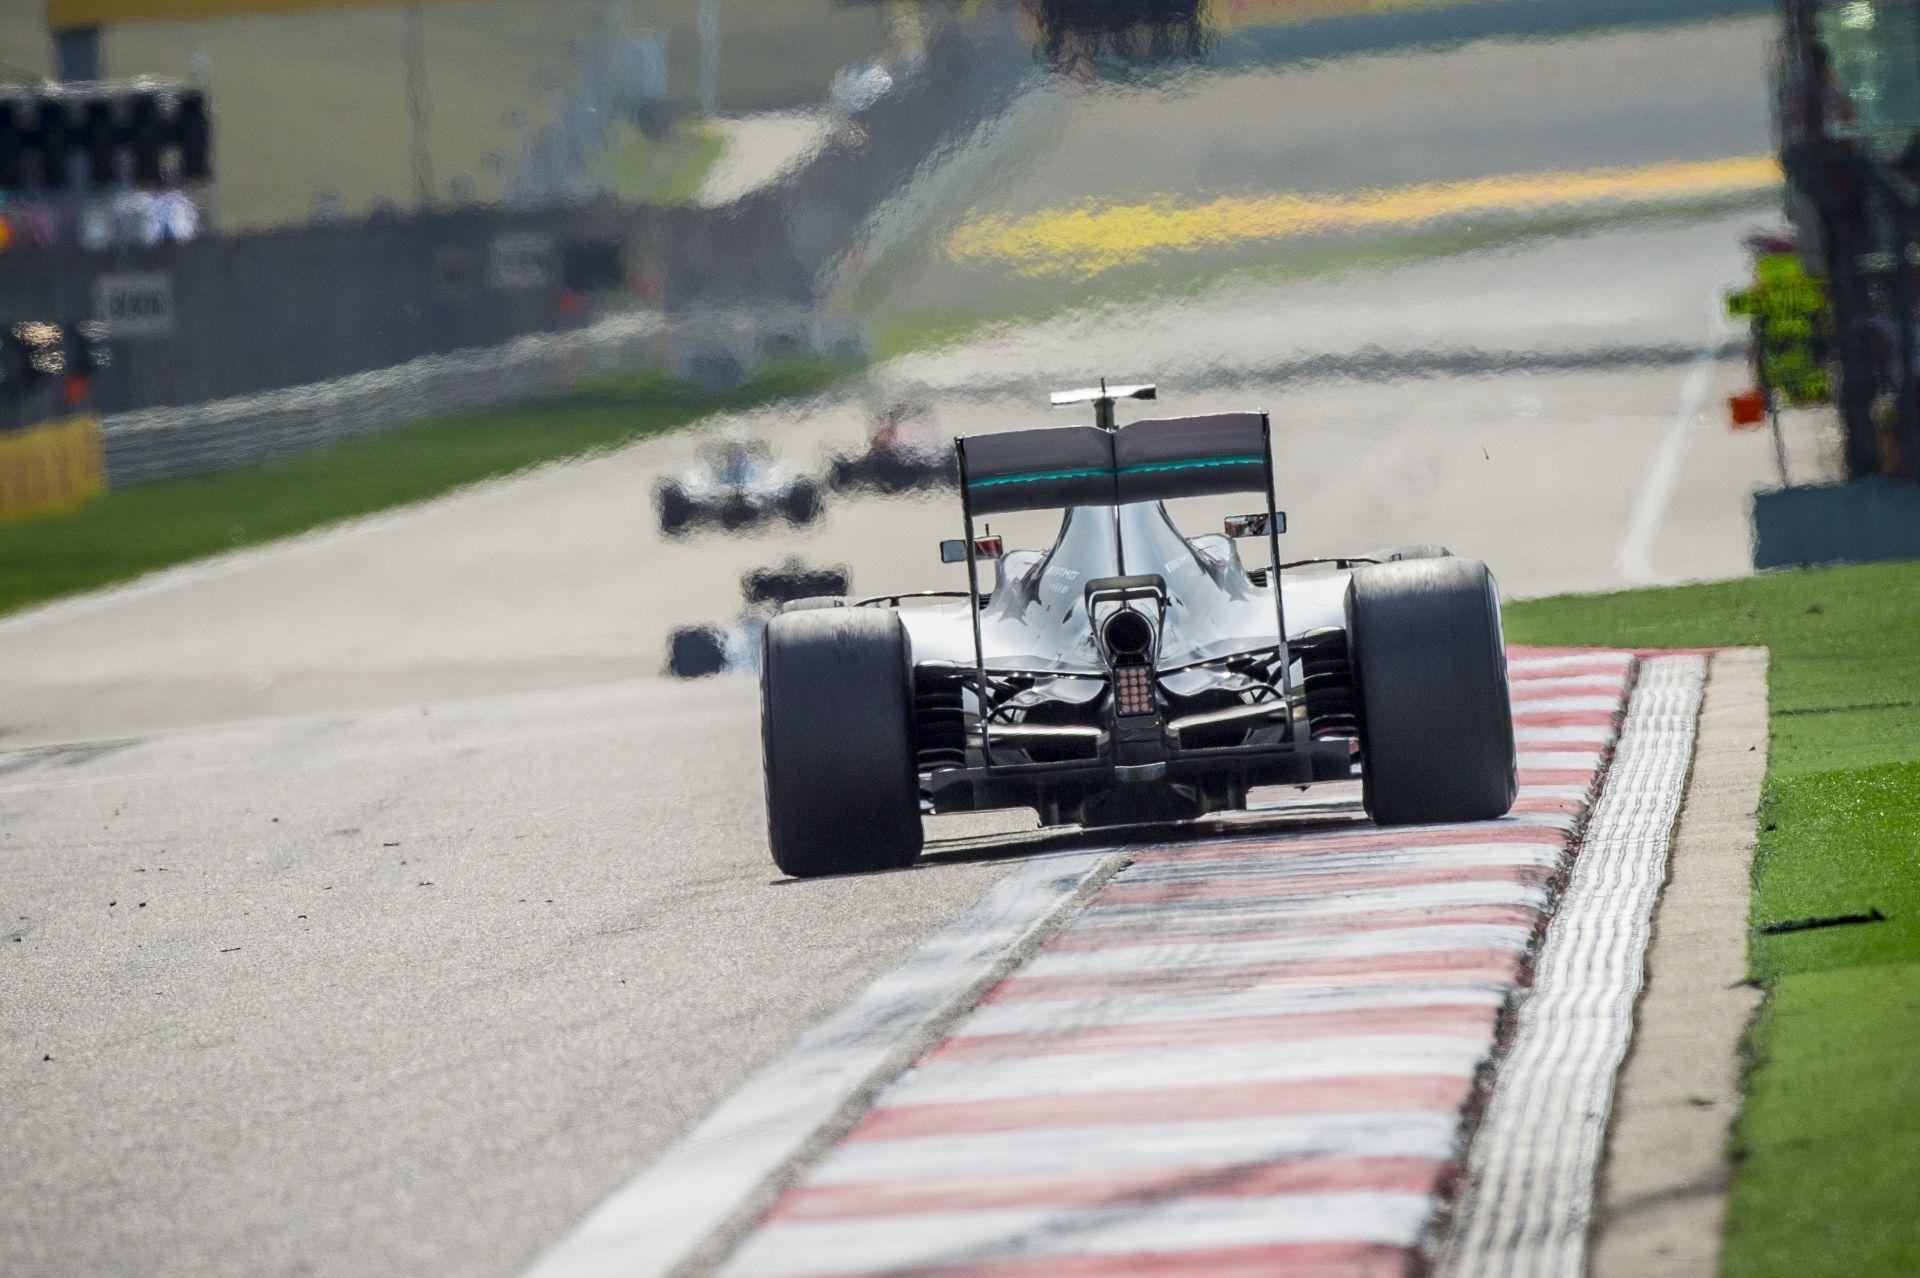 A Mercedes dolgozik az ügyön: drámai mértékben nőhet a hangerő